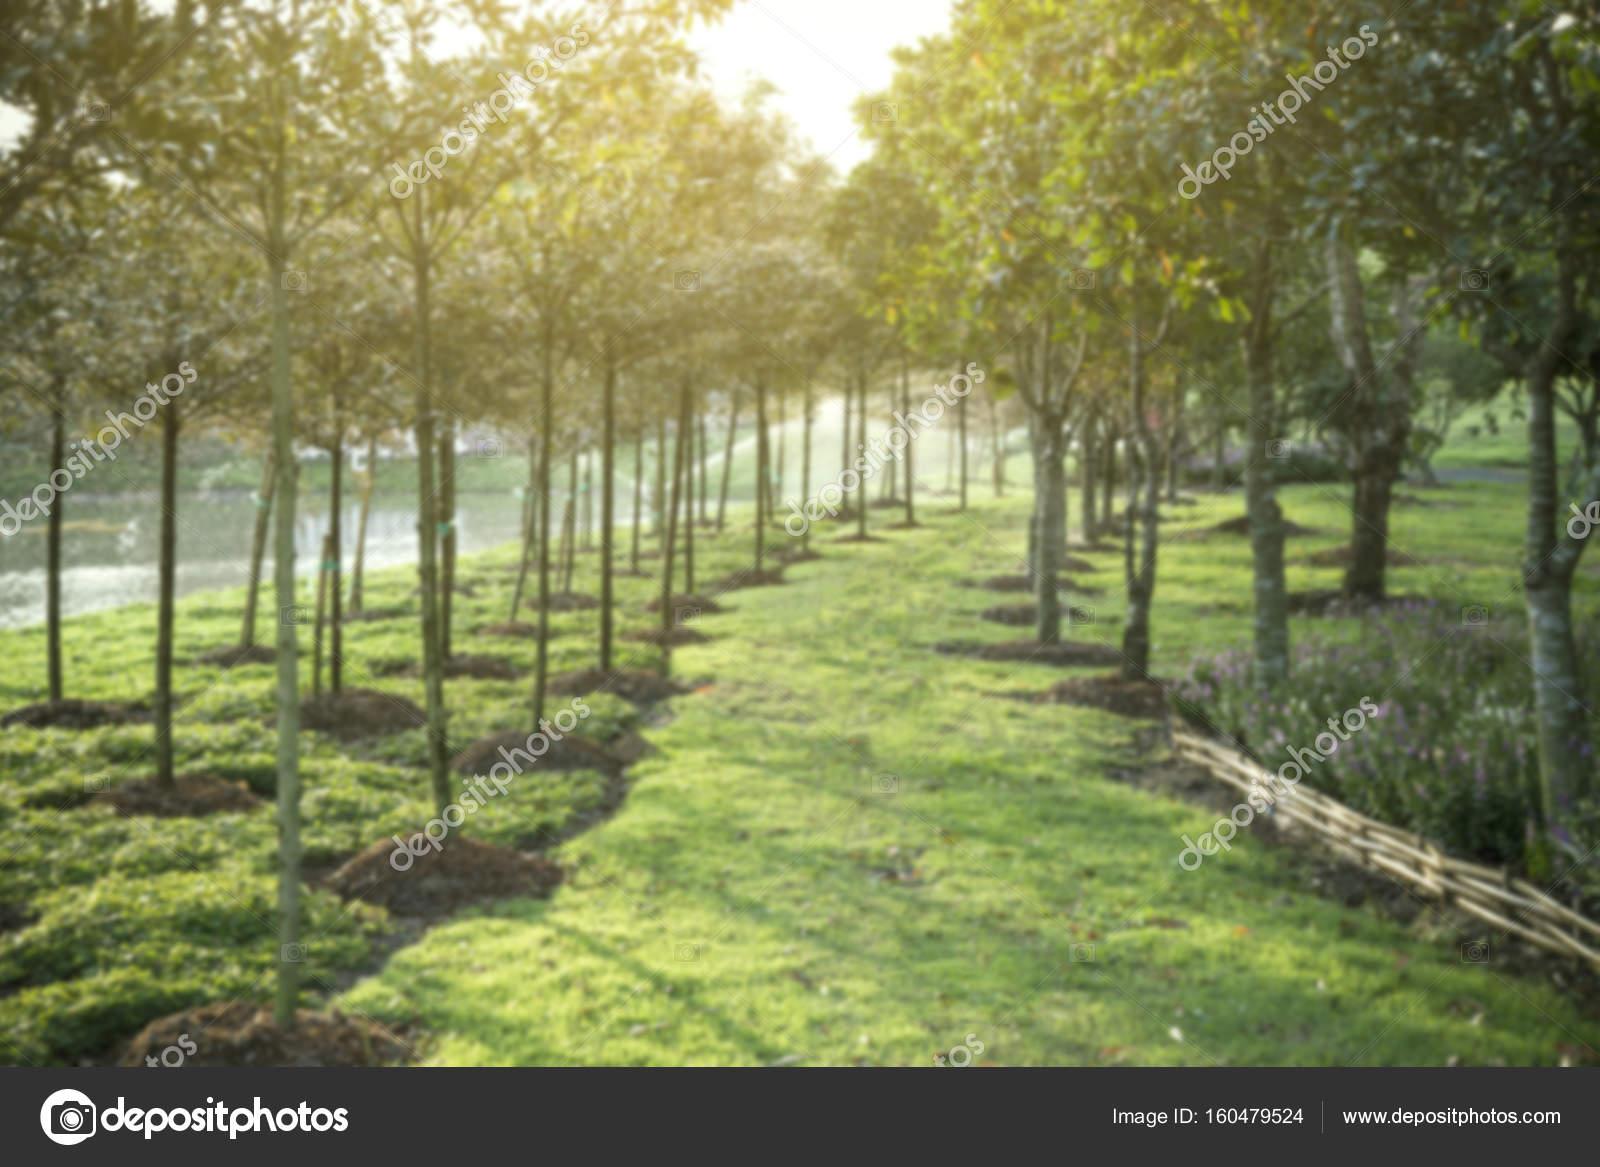 Unsch rfe hintergrund mit gr nen rasen weg weg stockfoto liewluck 160479524 for Dmv garden city idaho